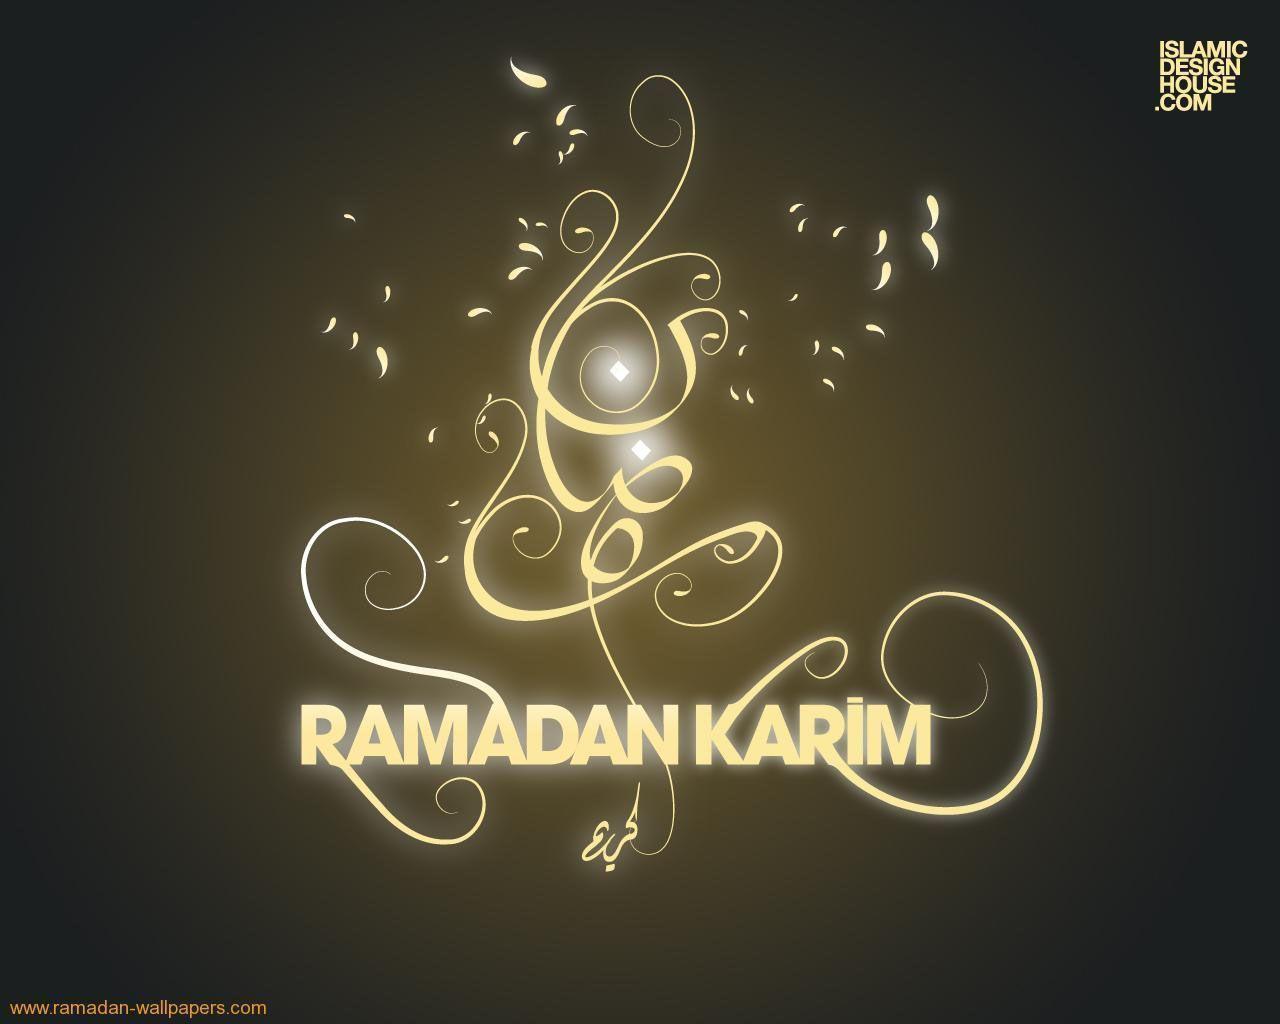 Hd Ramadan Wallpapers For Facebook Whatsapp Ramadan Mubarak Images